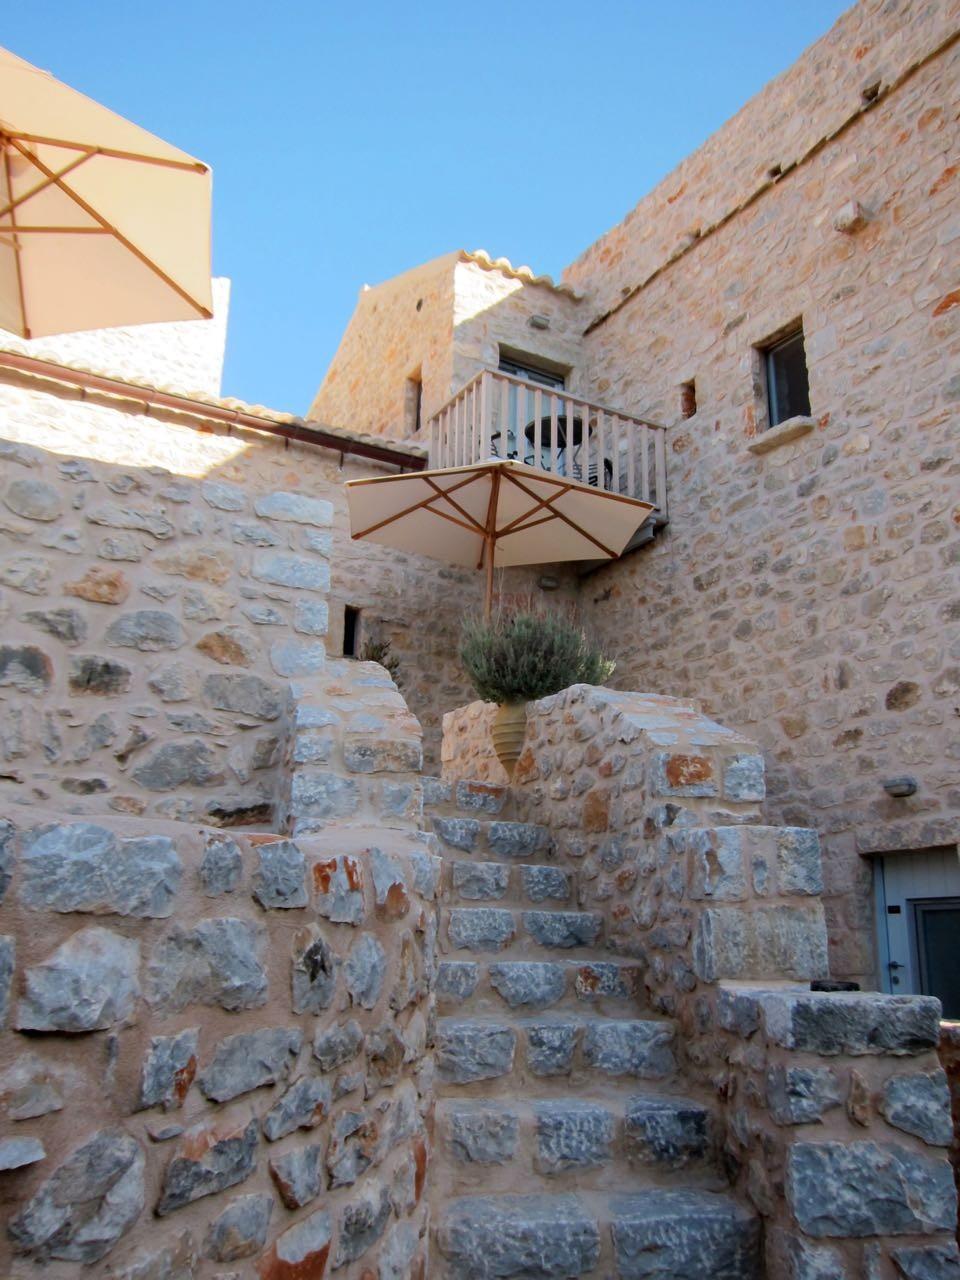 Aufgang zu unserem Zimmer im alten restaurierten Turmhaus (Antares Hotel Areopoli)